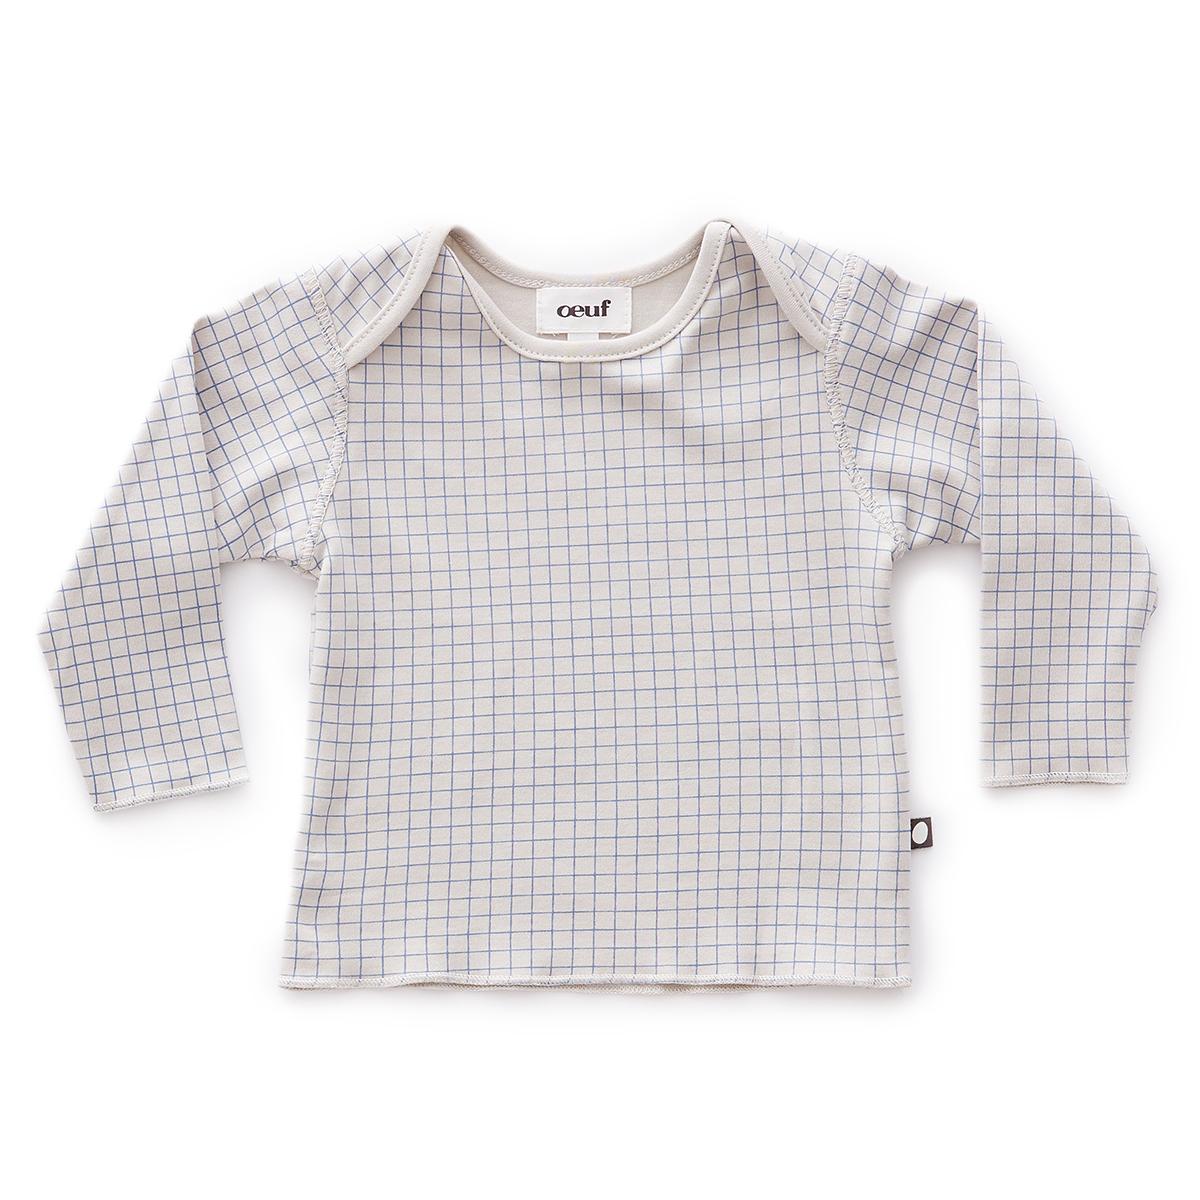 Hauts bébé Tee-shirt à Carreaux Gris et Bleu - 18 Mois Tee-shirt à Carreaux Gris et Bleu - 18 Mois